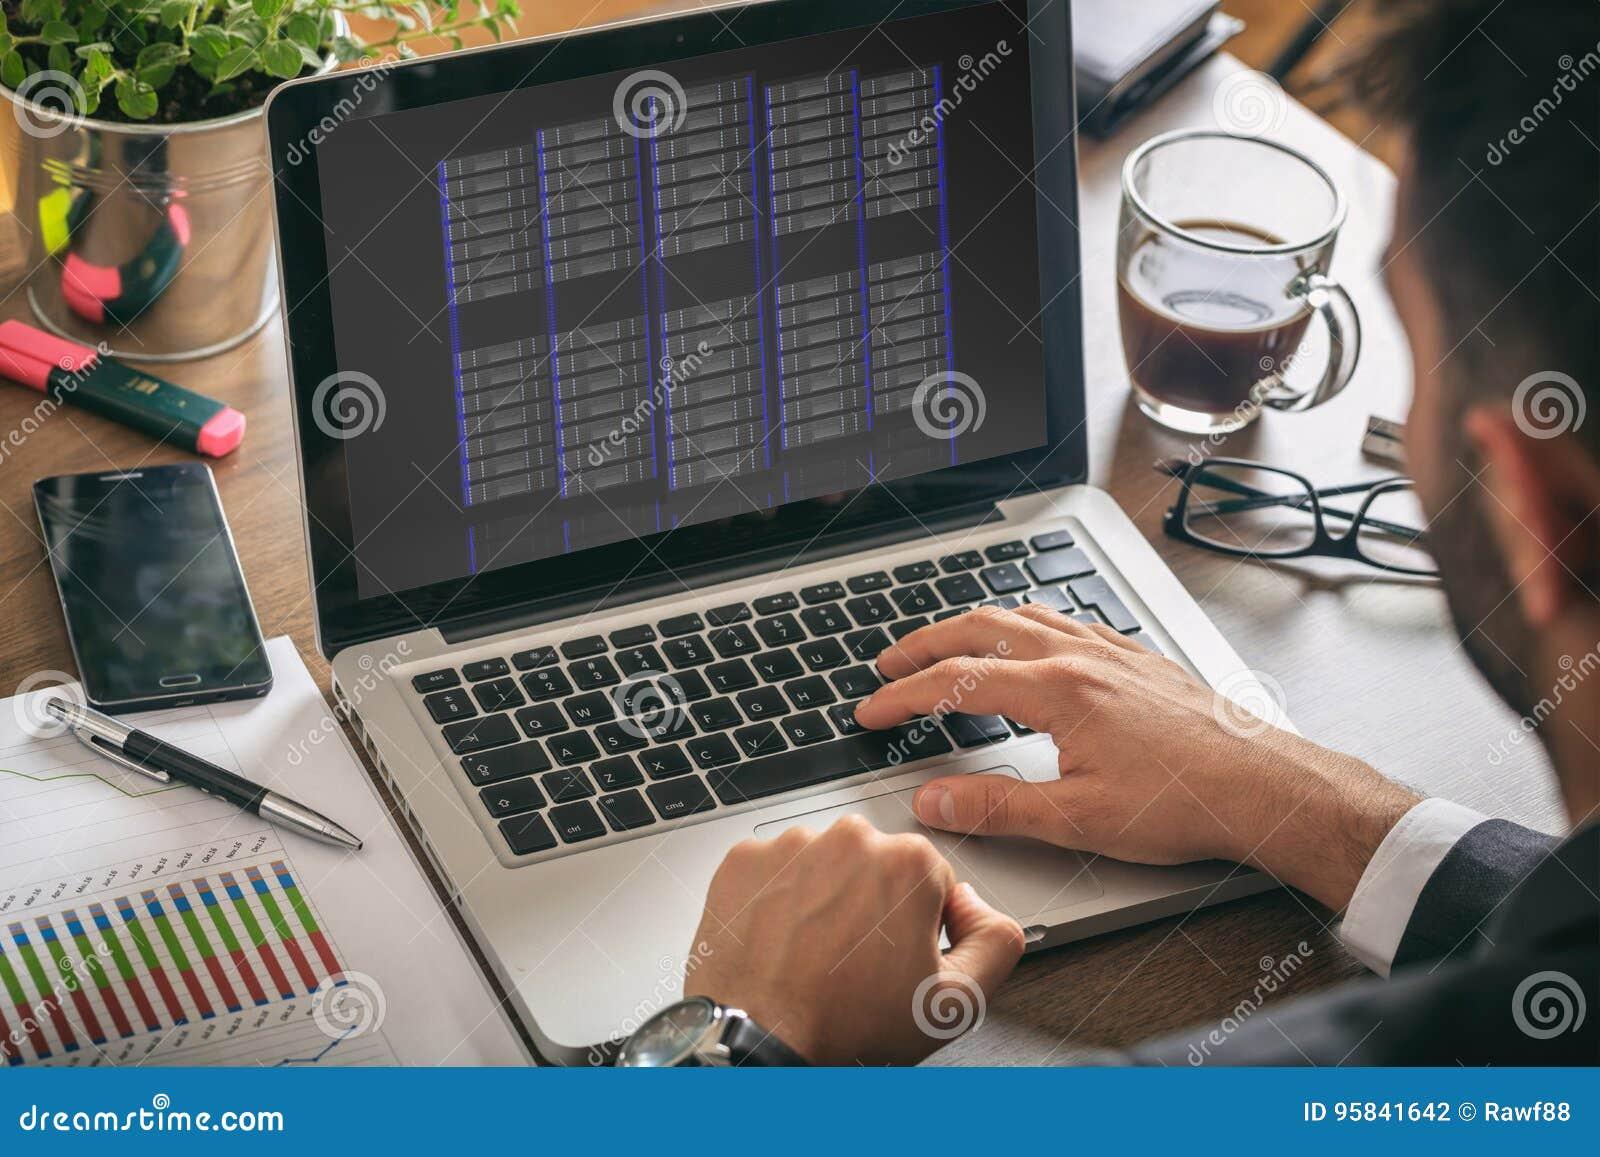 Enheter för datorserverlagring på en bärbar datorskärm